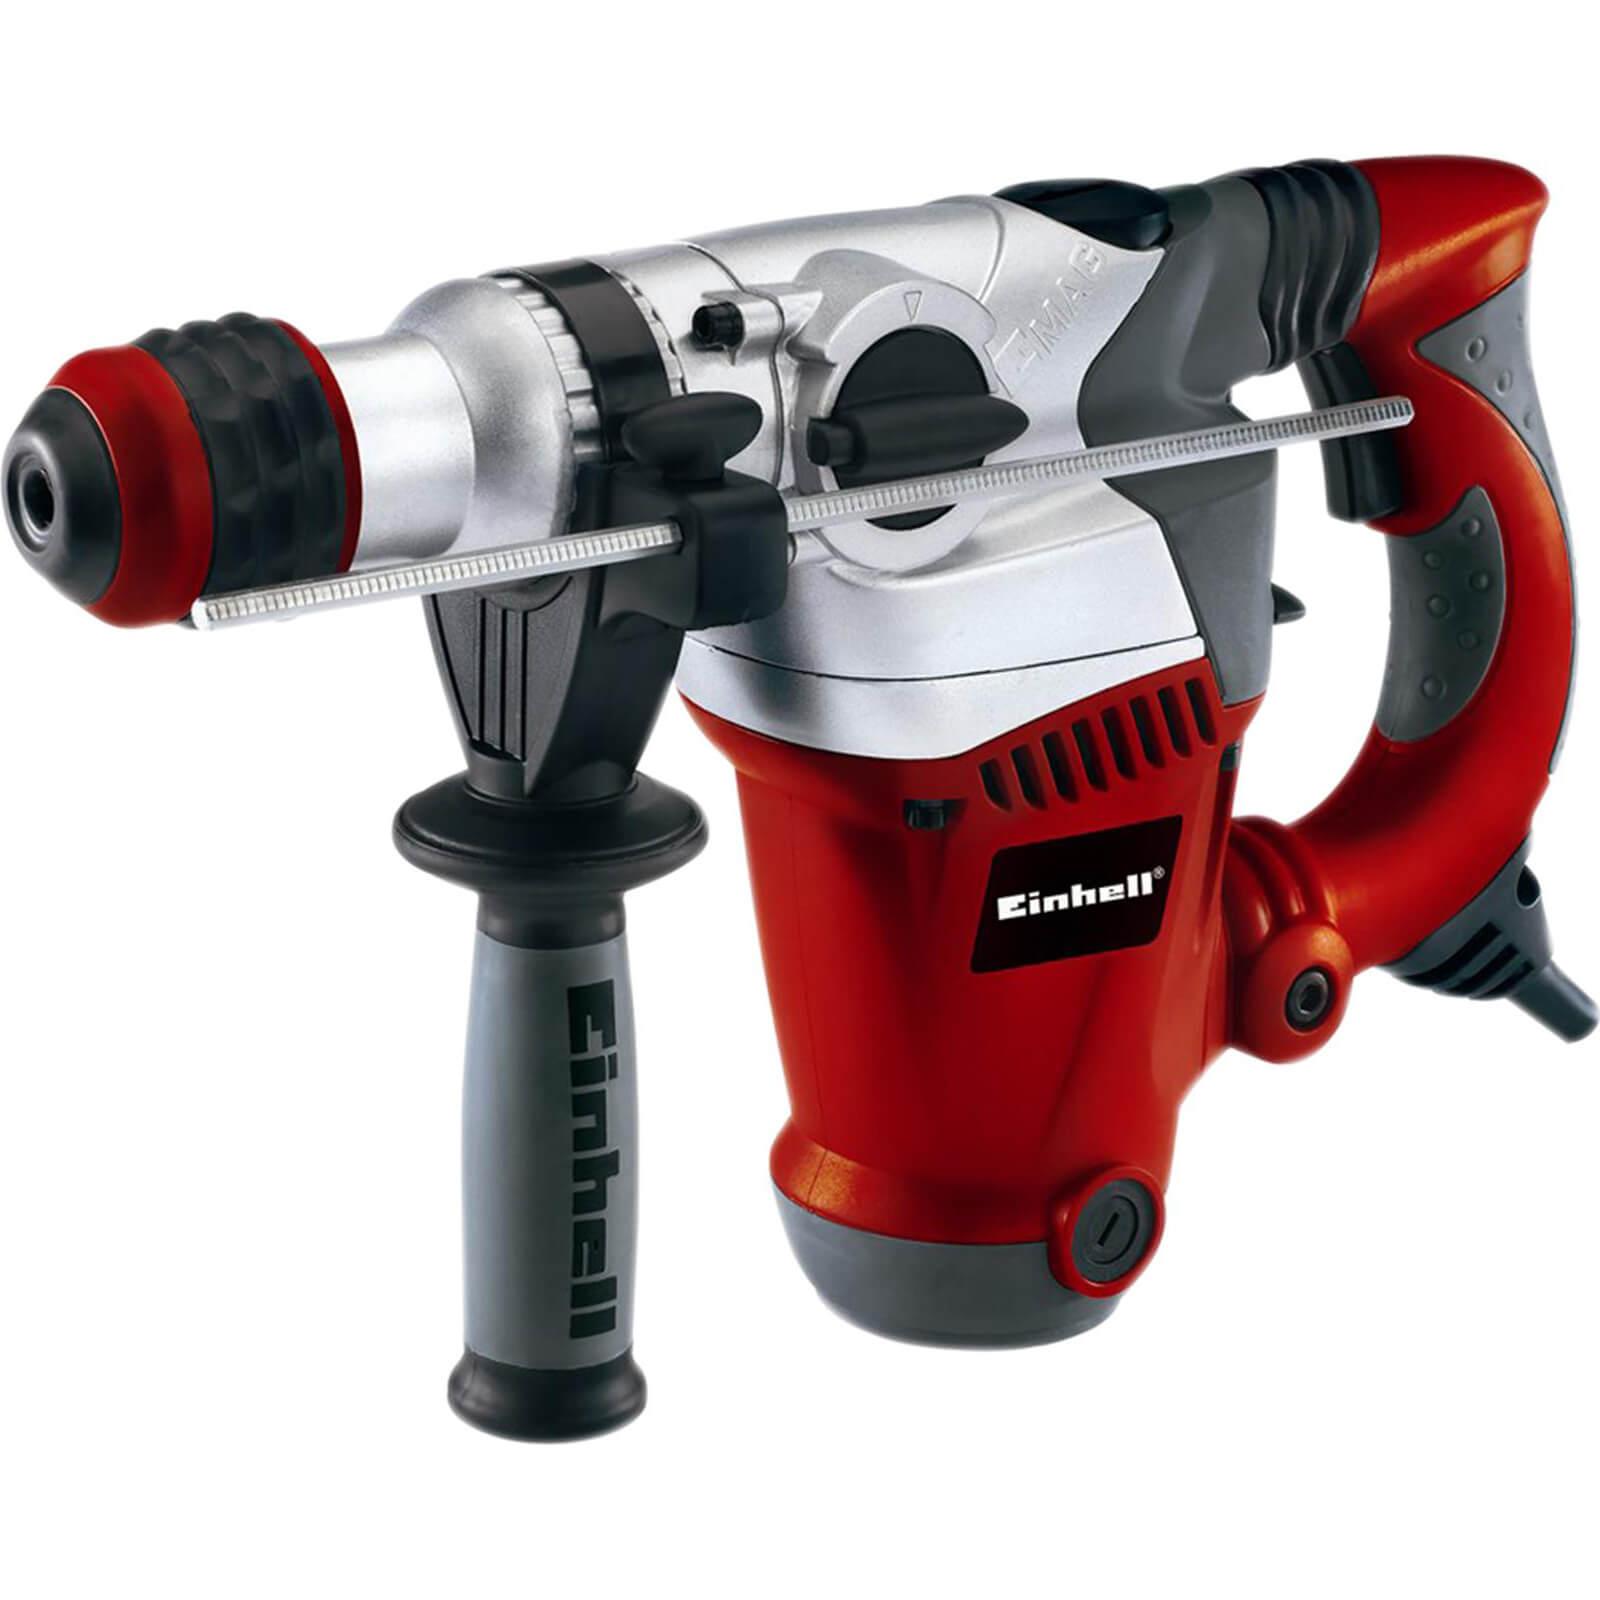 Einhell RT-RH32 Pro 3 Function SDS Hammer Drill 1250w 240v